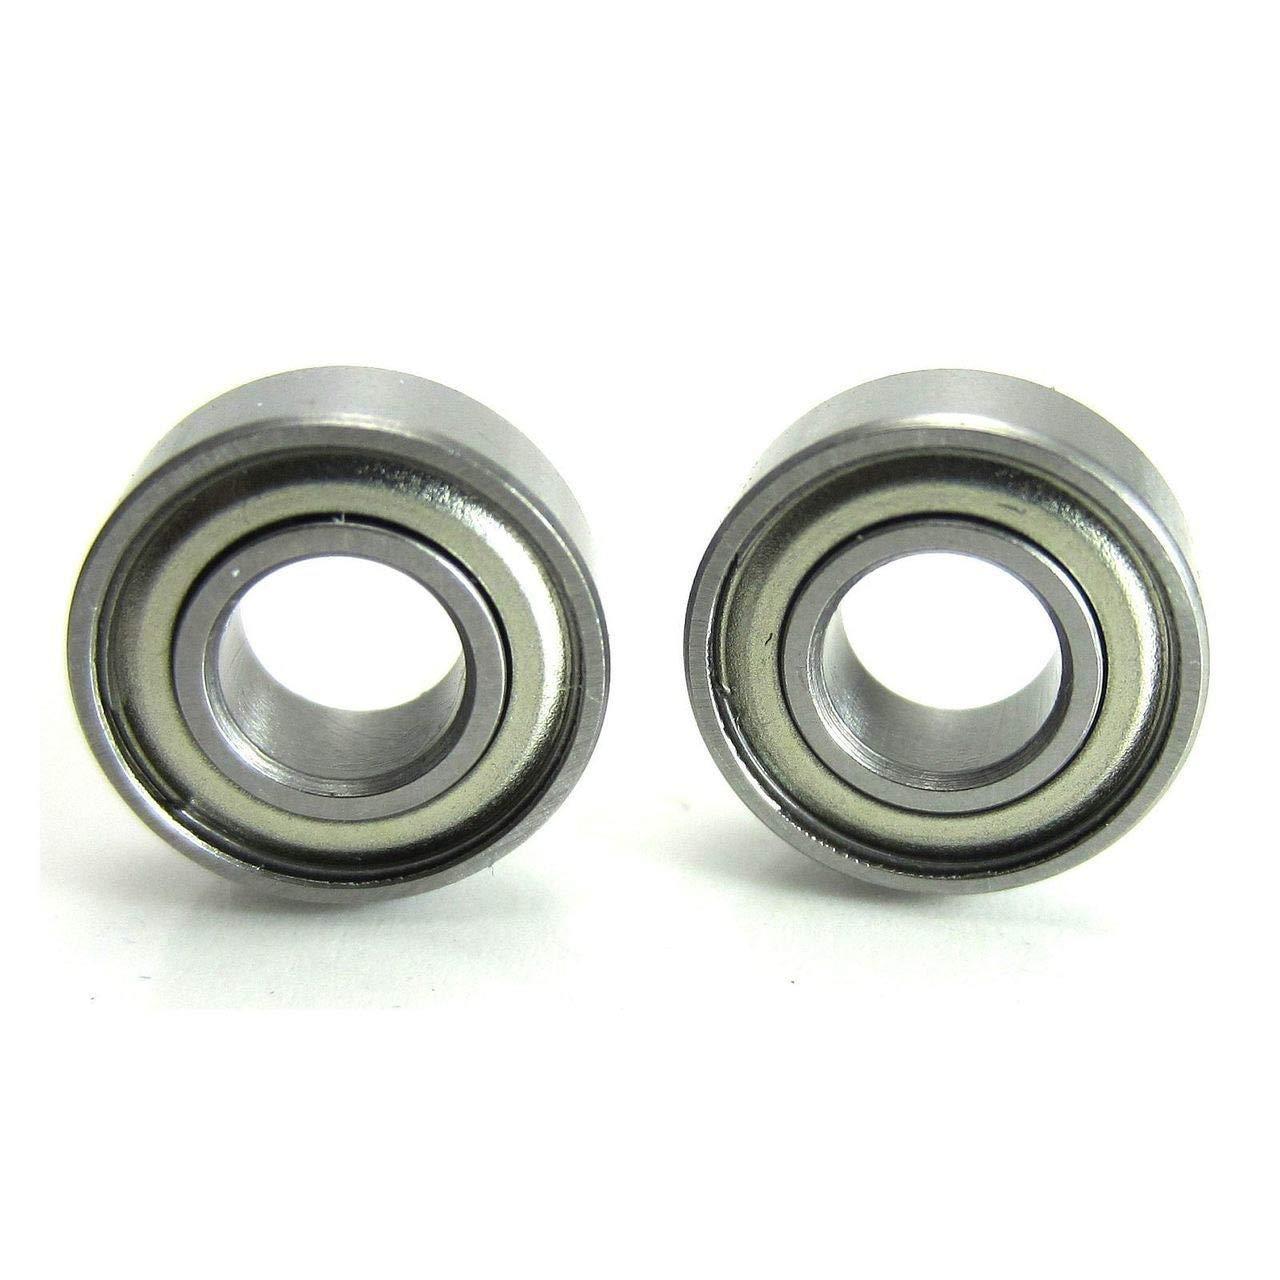 5x11x4mm Precision Brushless Motor Ball Bearings (2) Chrome Steel